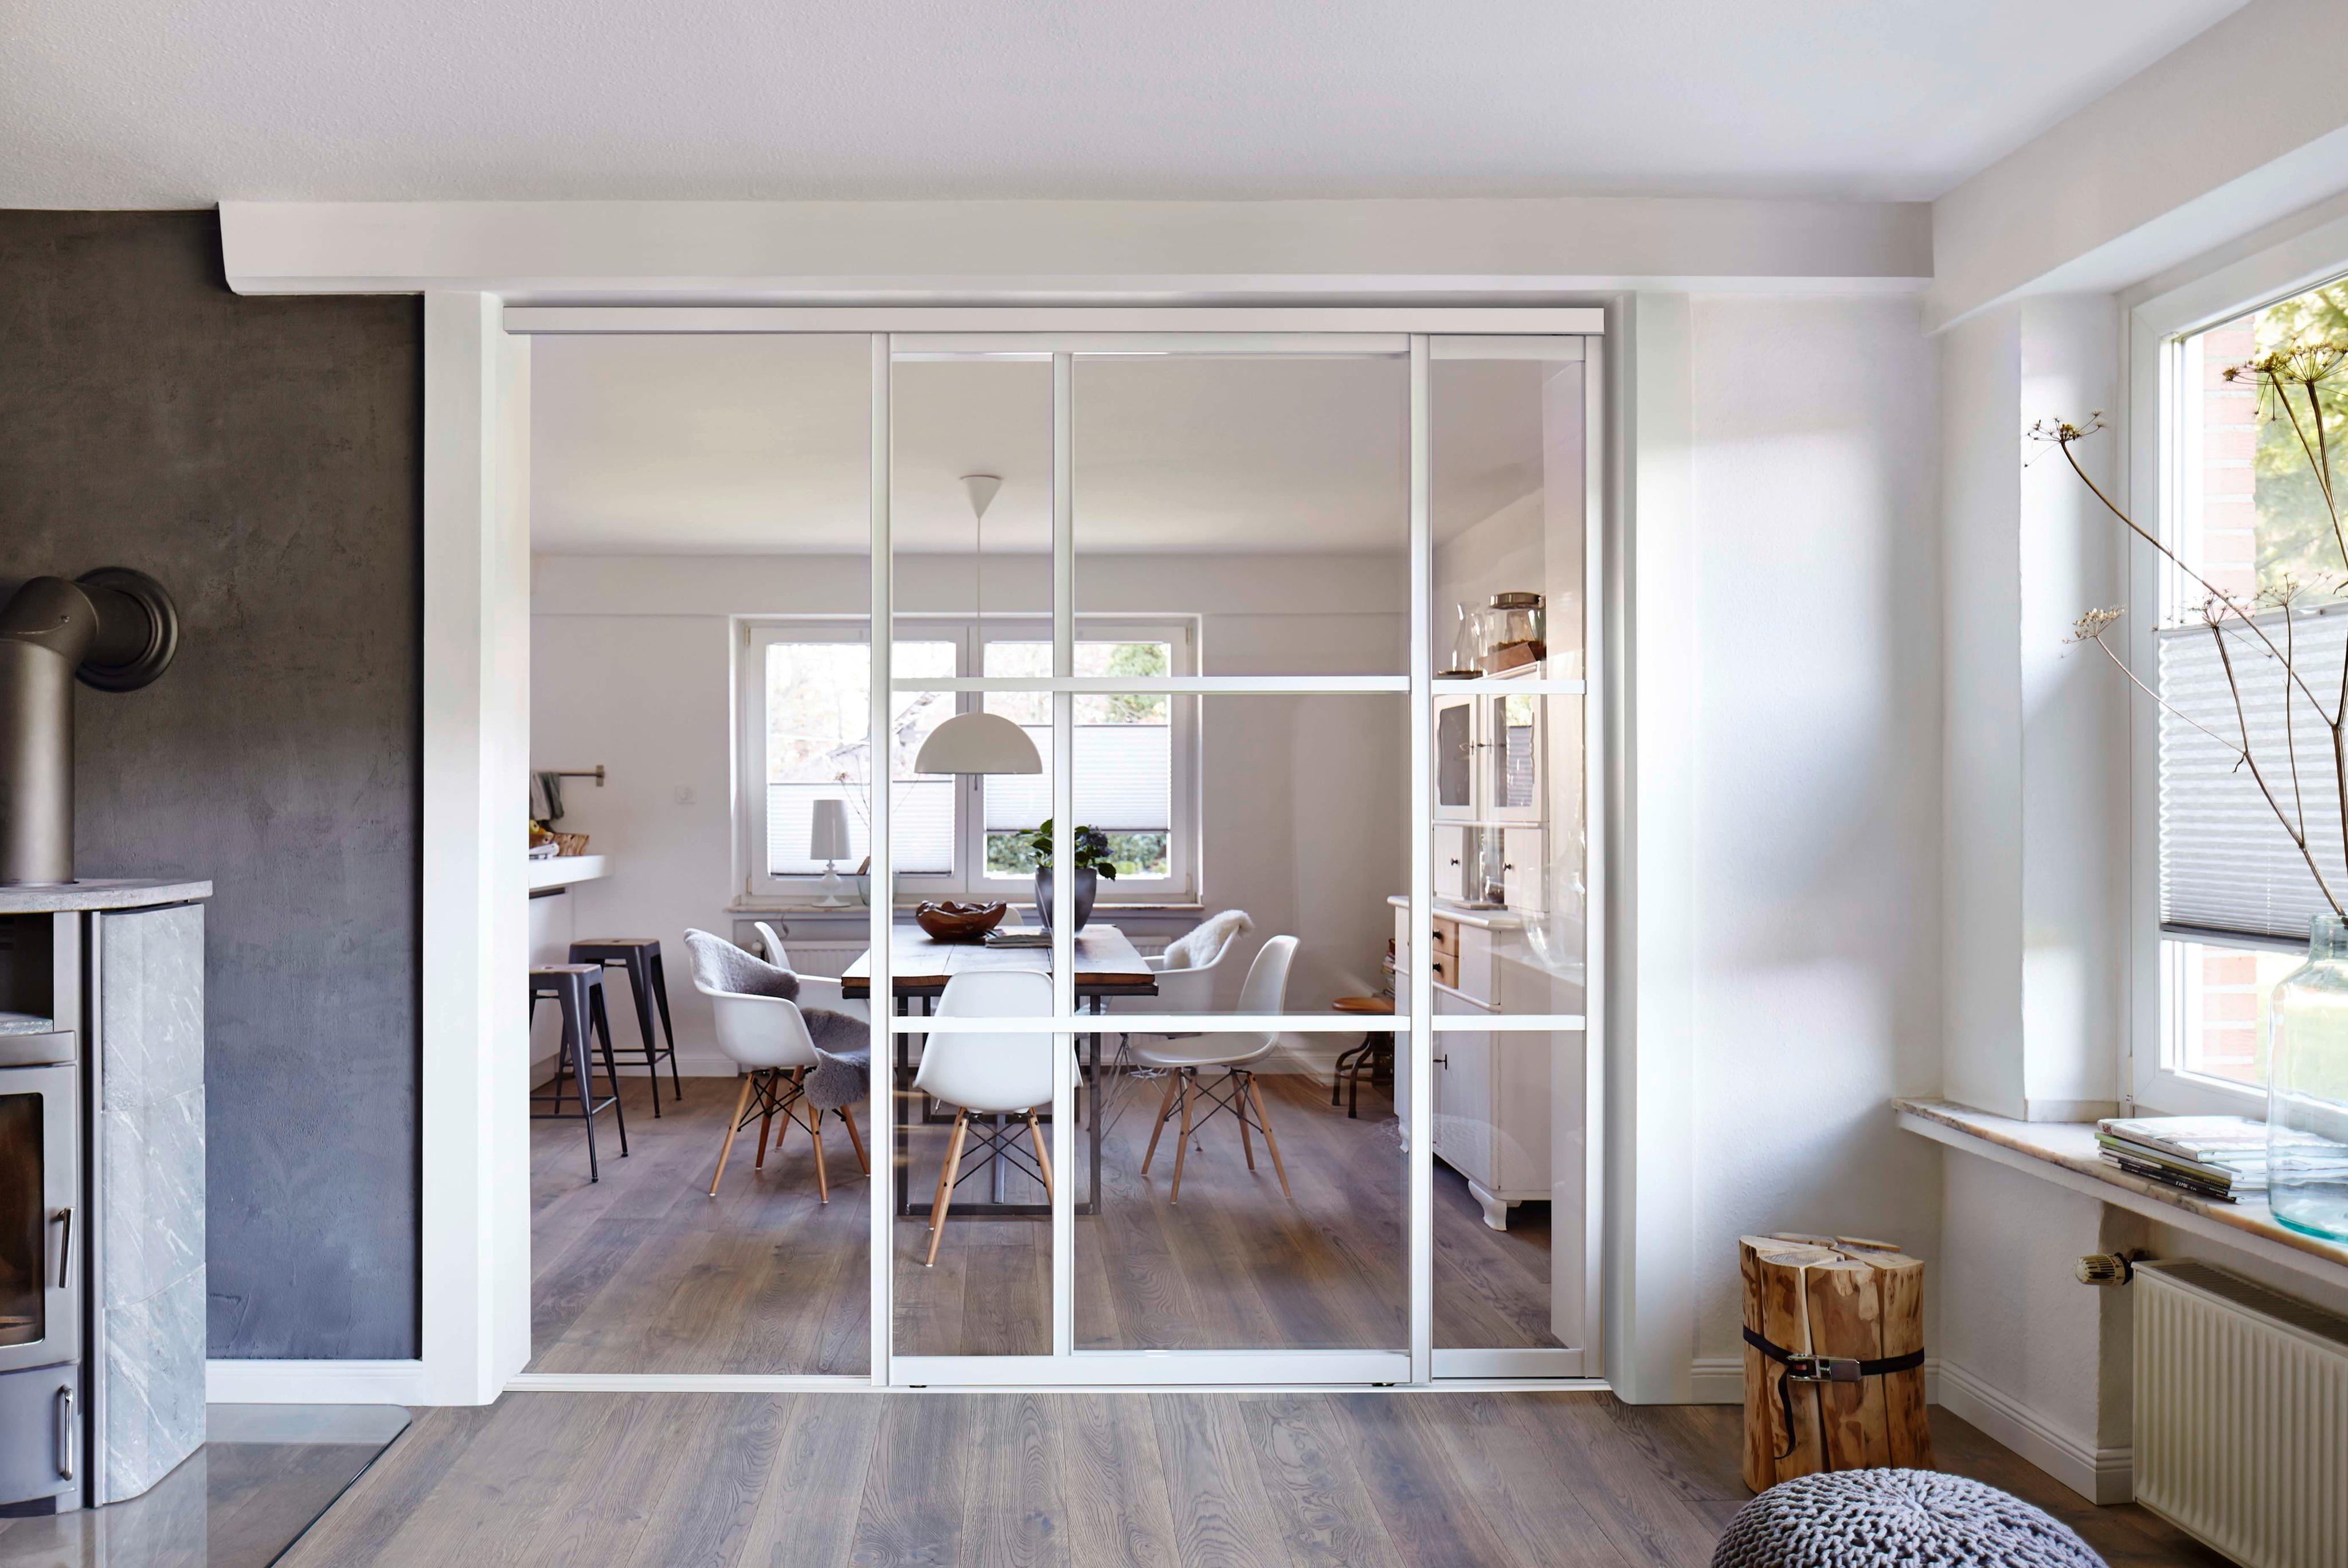 trennwand glas wohnzimmer kleiderschr nke von roller ikea schubladen ordnungssystem. Black Bedroom Furniture Sets. Home Design Ideas